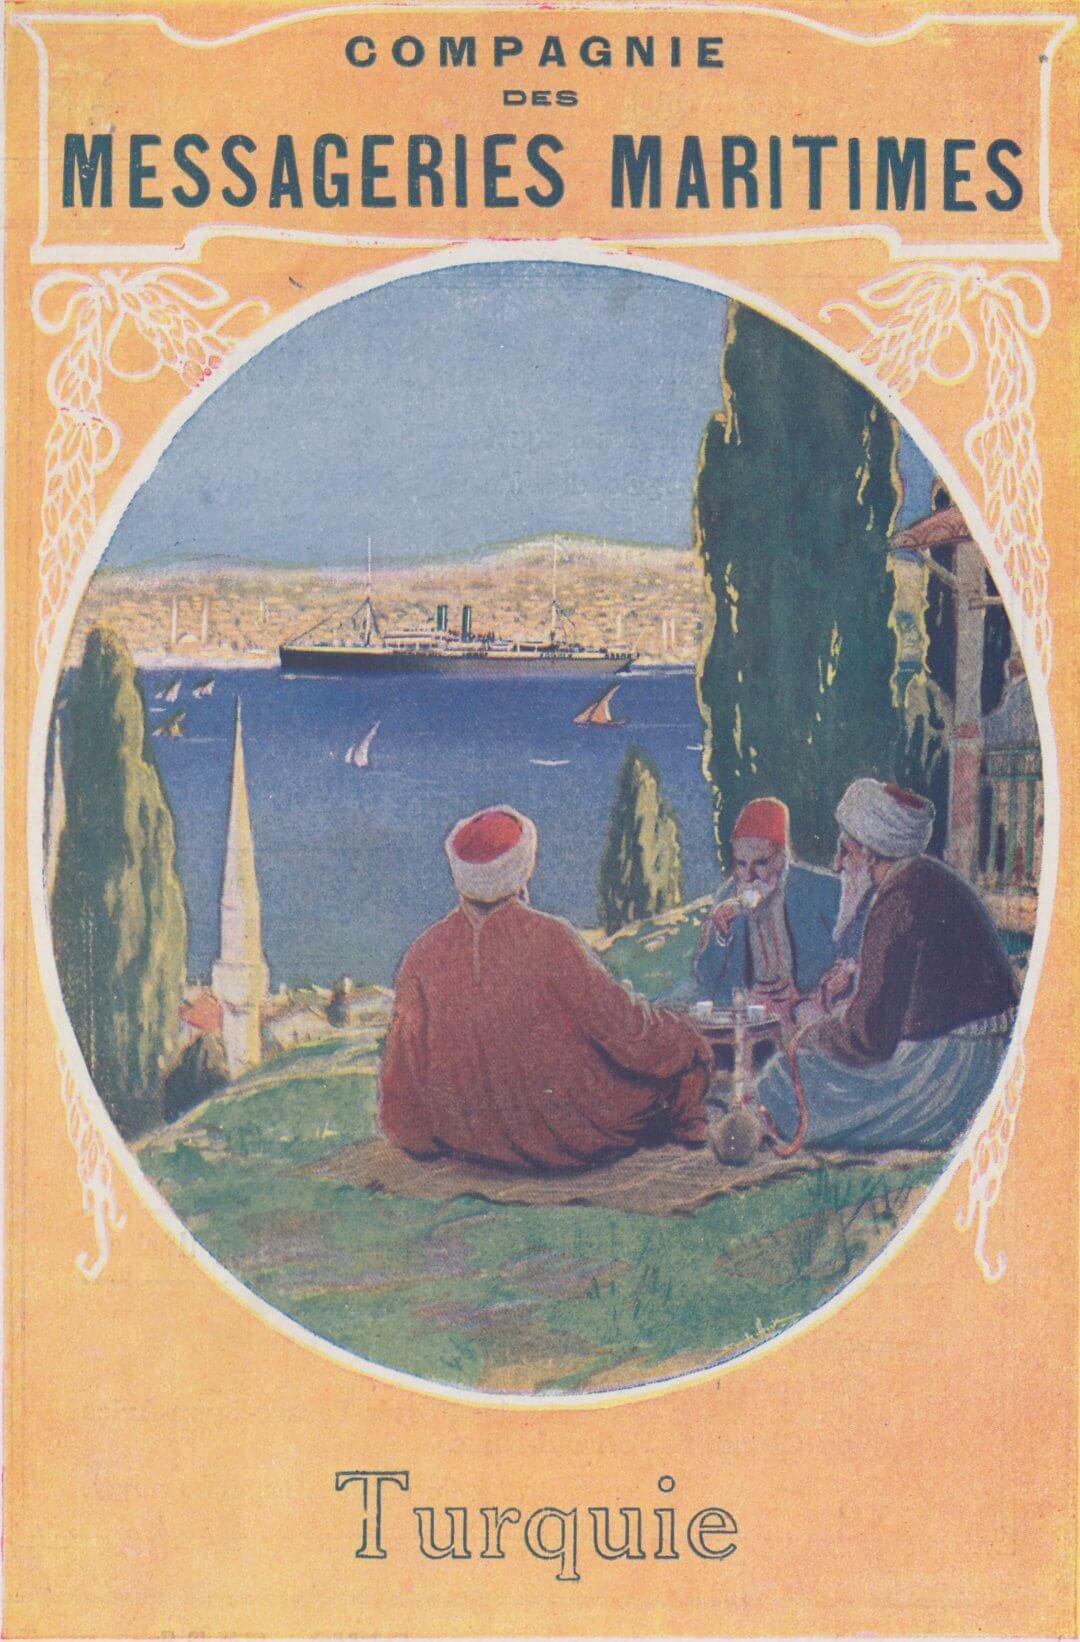 Turkey, Messageries maritimes